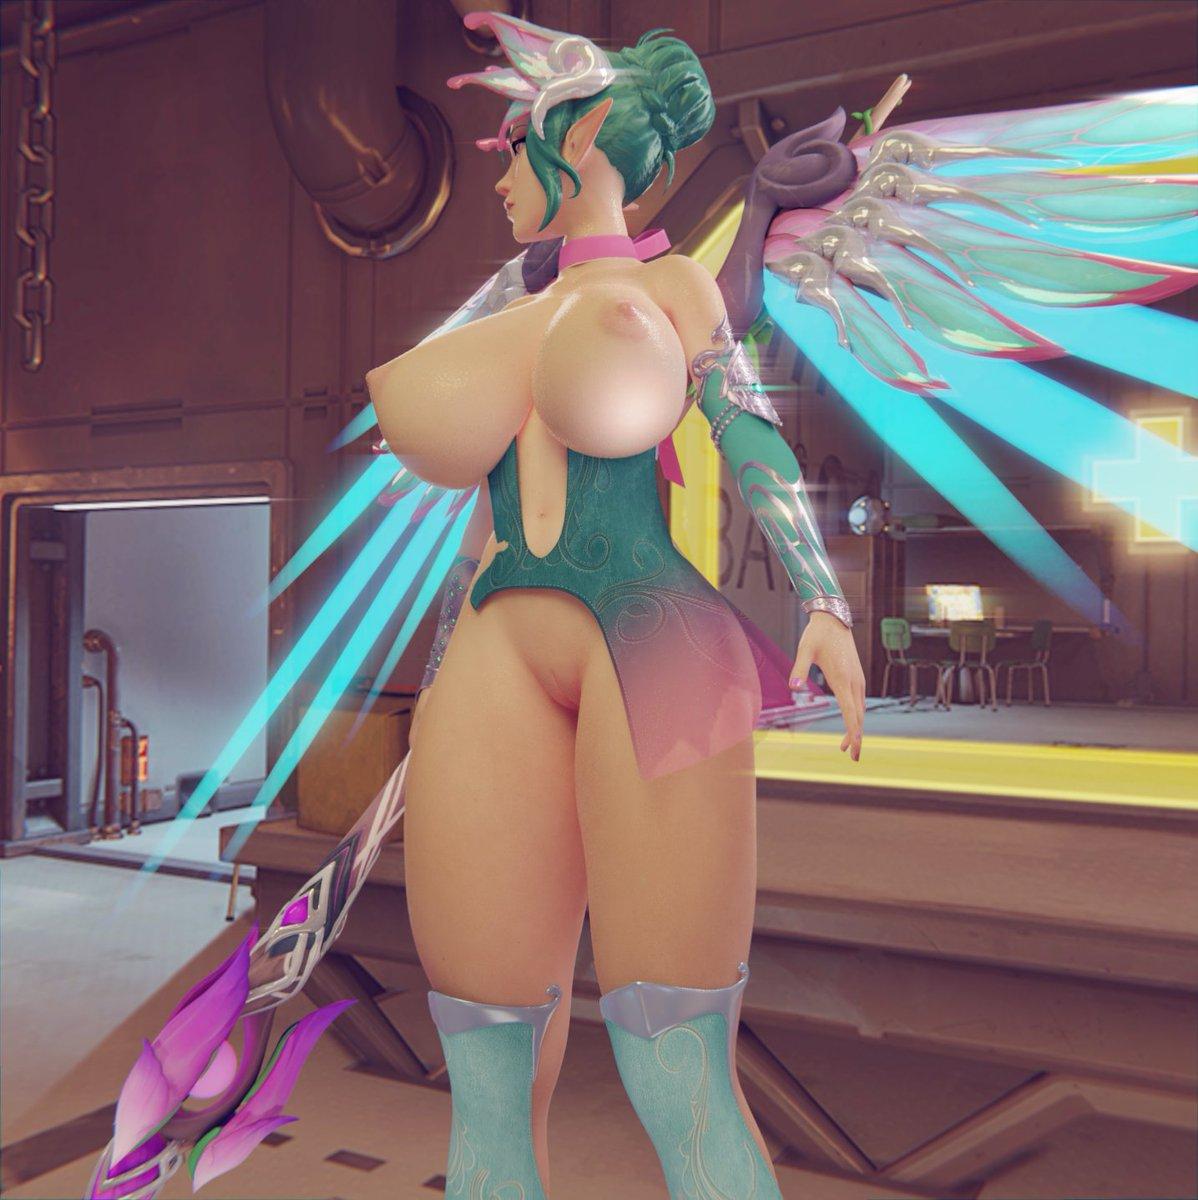 plum fairy hentai sugar mercy No game no life elves